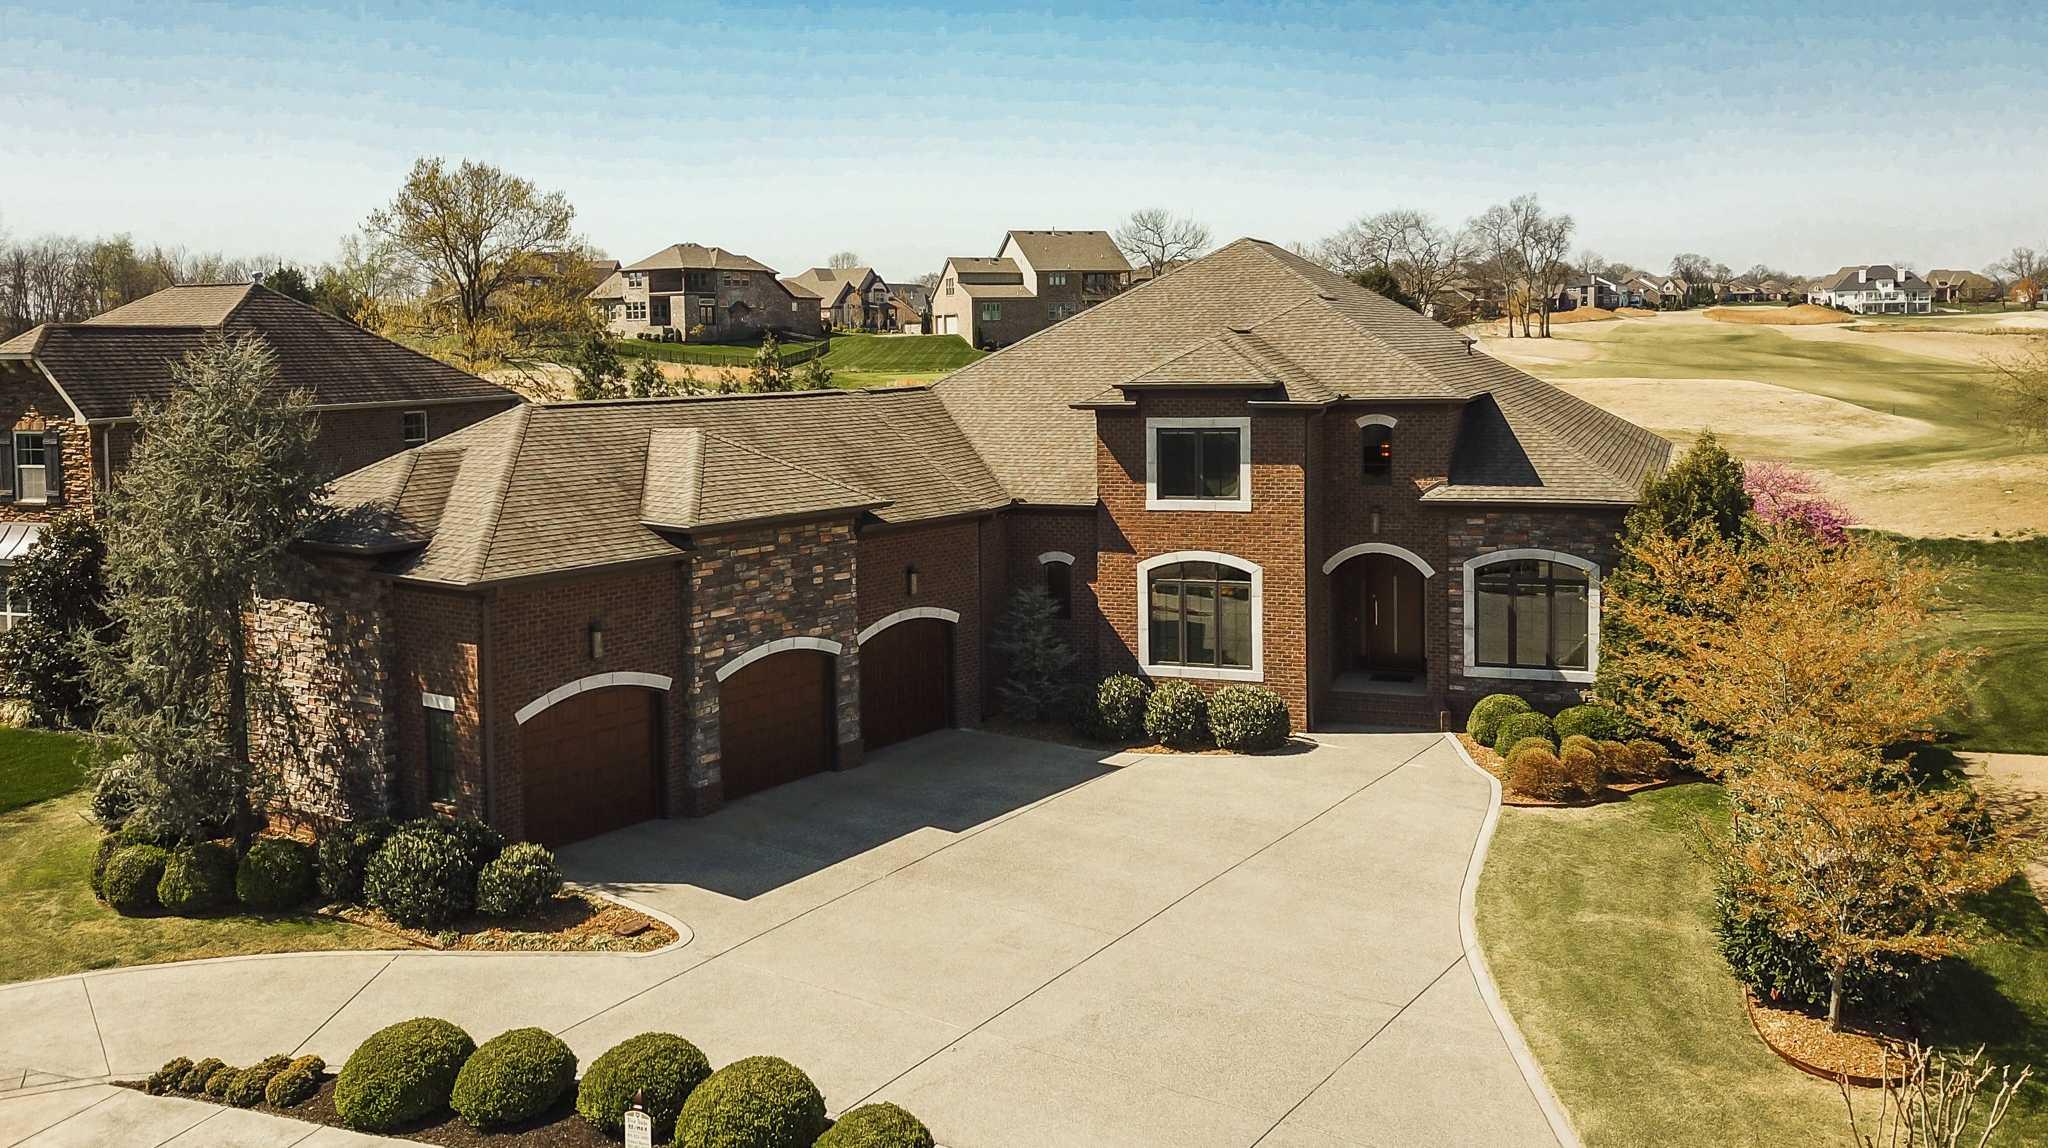 $1,125,000 - 4Br/3Ba -  for Sale in Foxland Ph 3 Sec 2, Gallatin